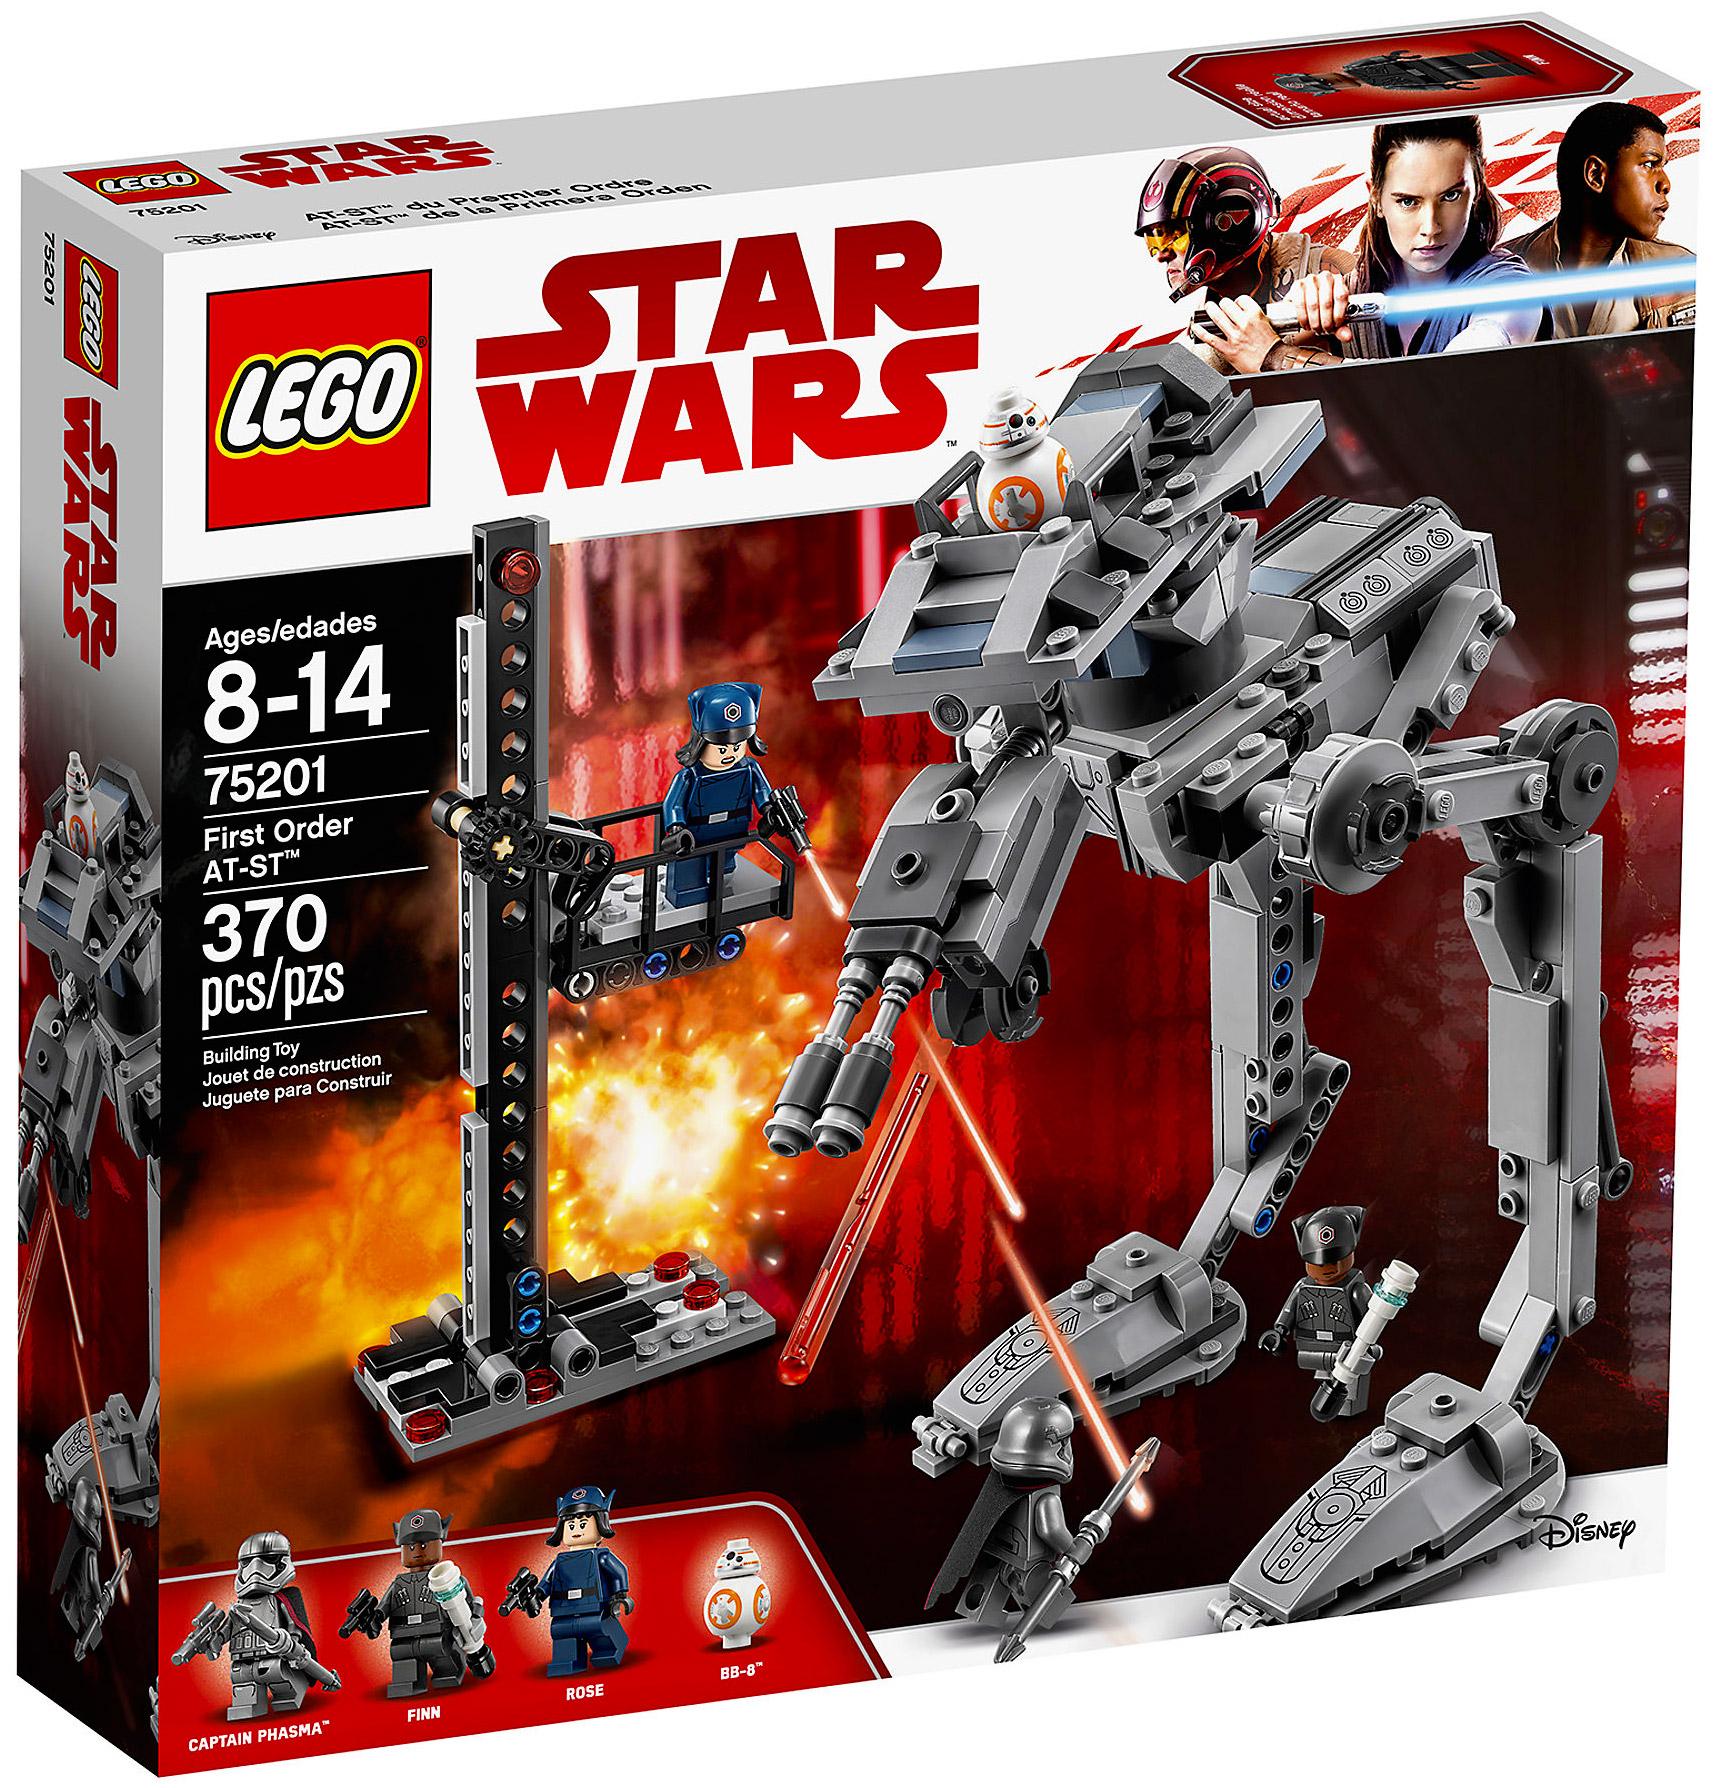 lego star wars 75201 pas cher at st du premier ordre. Black Bedroom Furniture Sets. Home Design Ideas